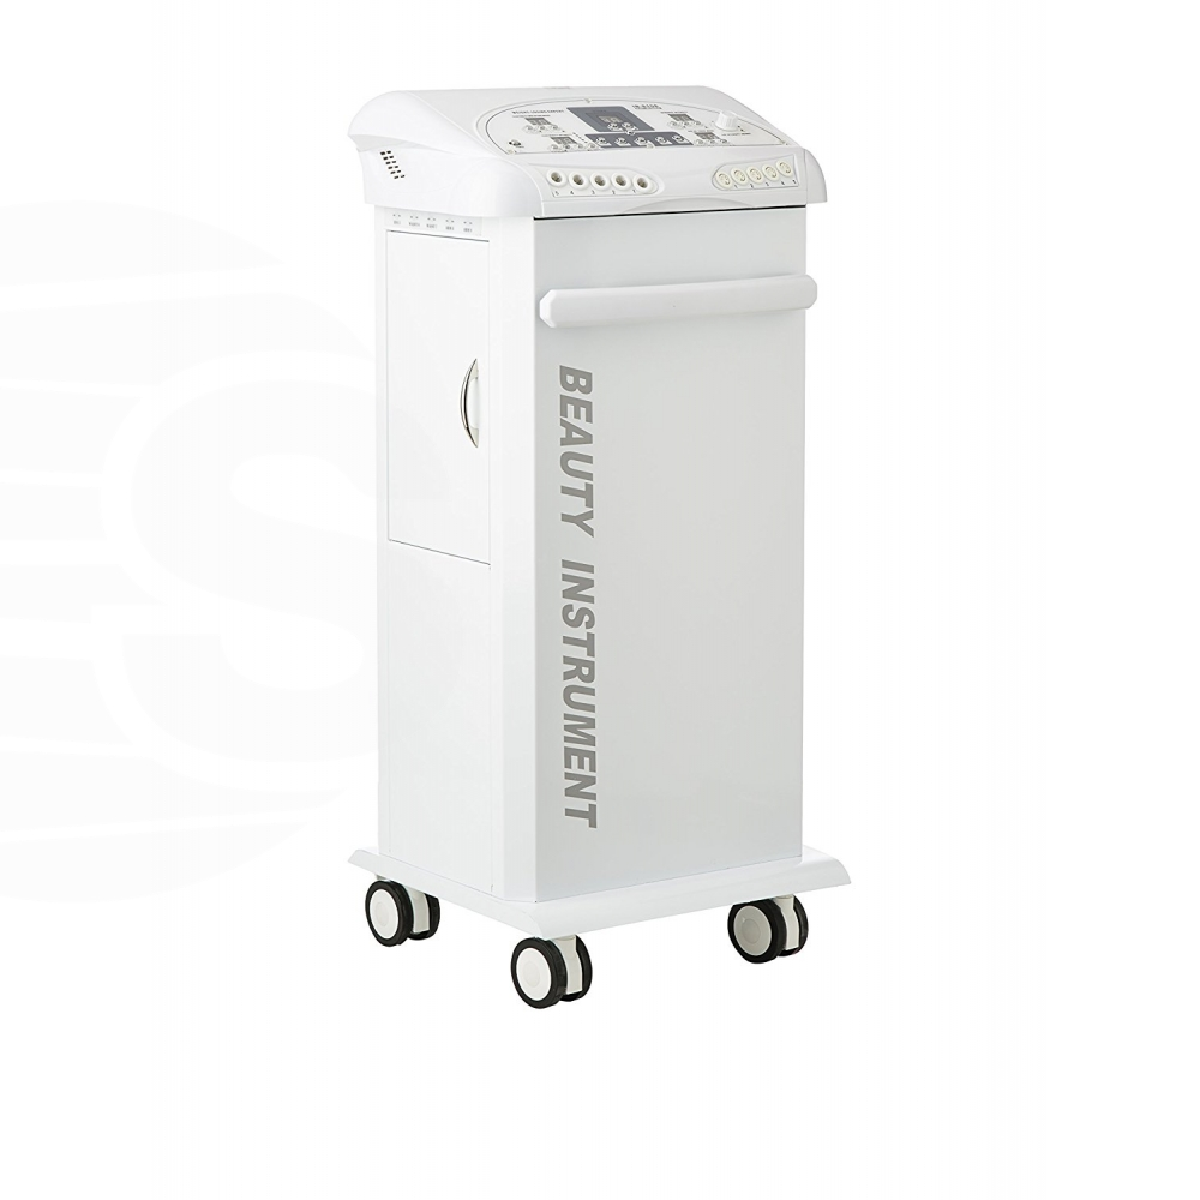 Pressoterapia con Electroestimulacion e Sauna, 3-in-1 (Esposizione) - Attrezzature Di